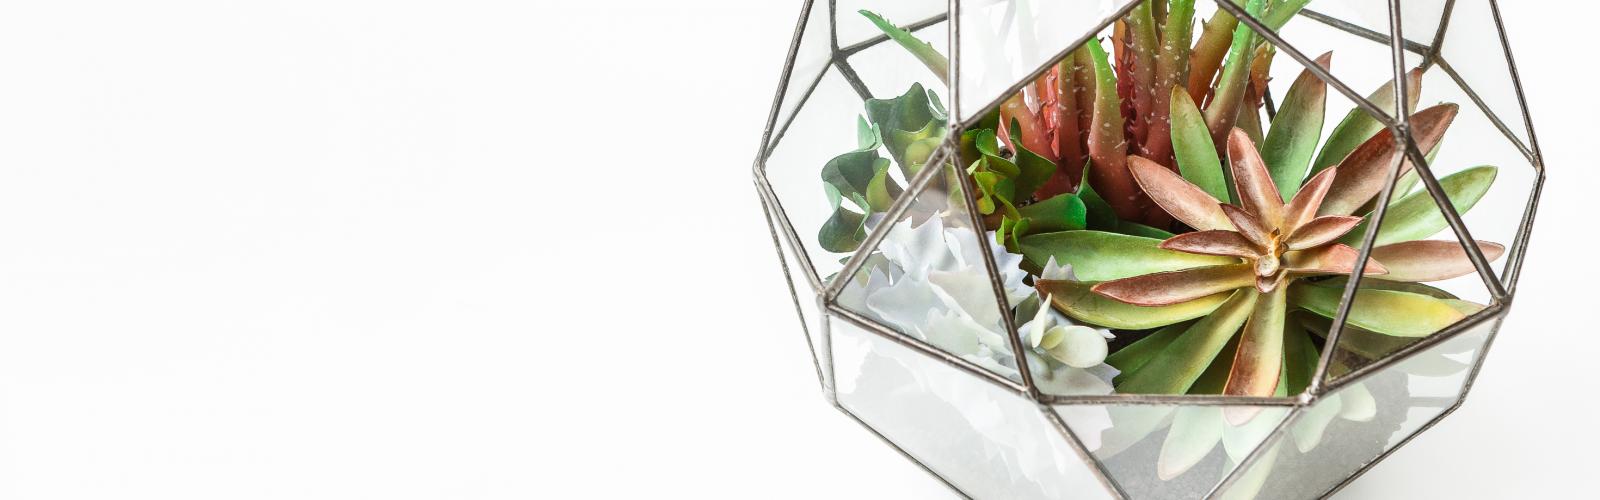 a close up of succulents